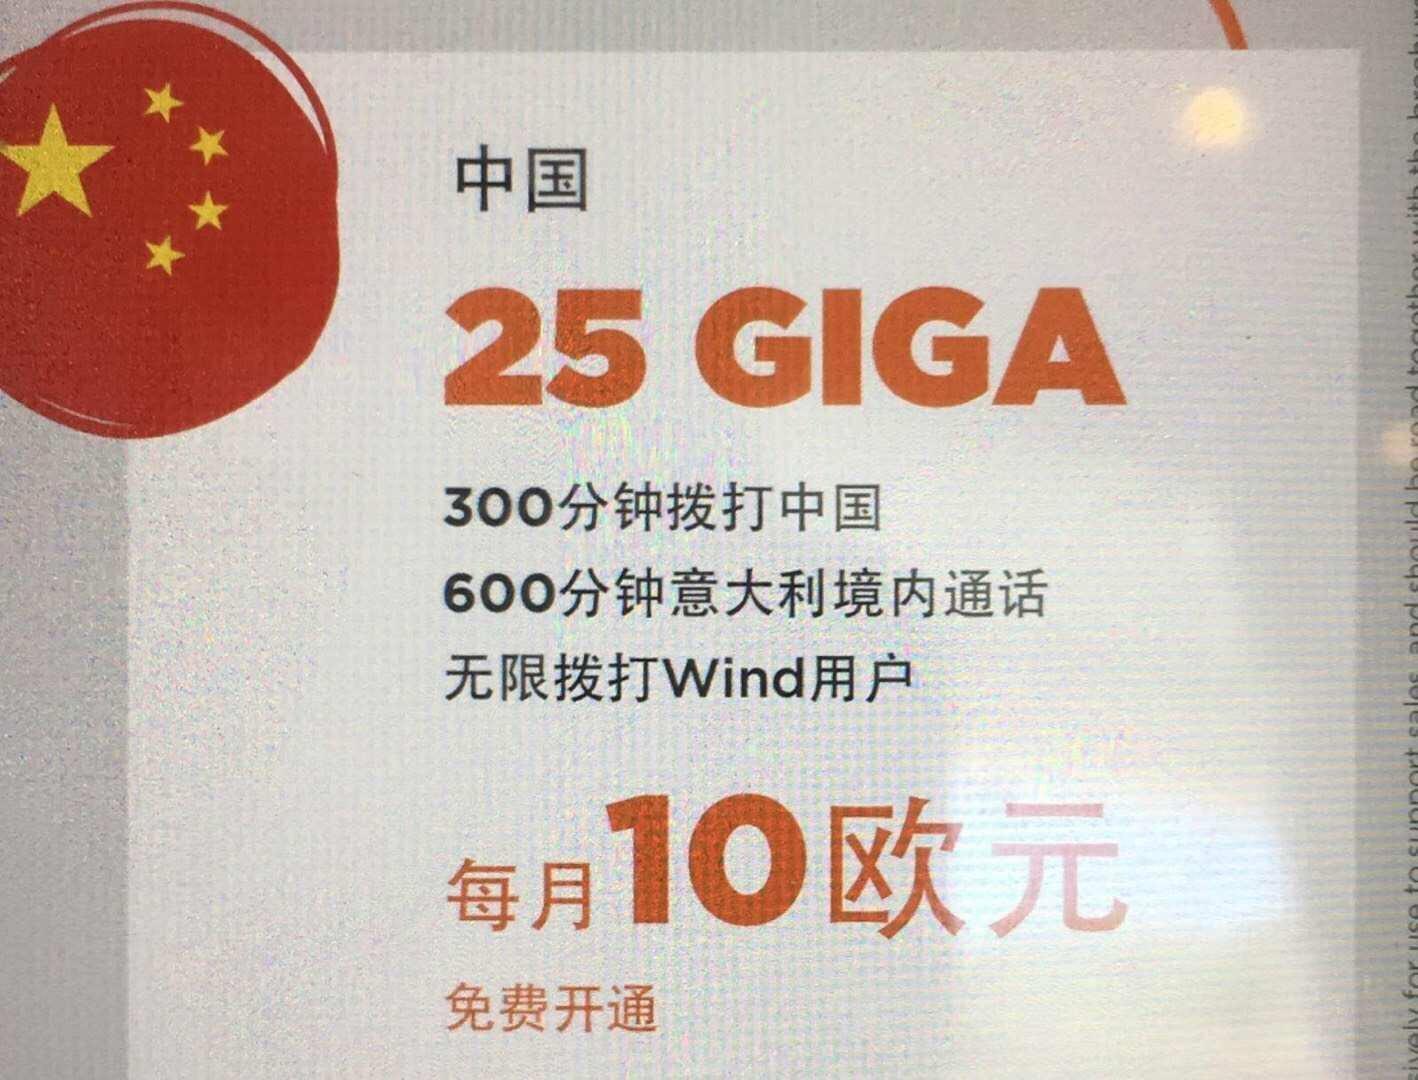 Wind中国特惠套餐,25GB,300分钟打中国,600分钟打意大利,无限制打Wind卡,月租10欧 意国杂烩 第2张